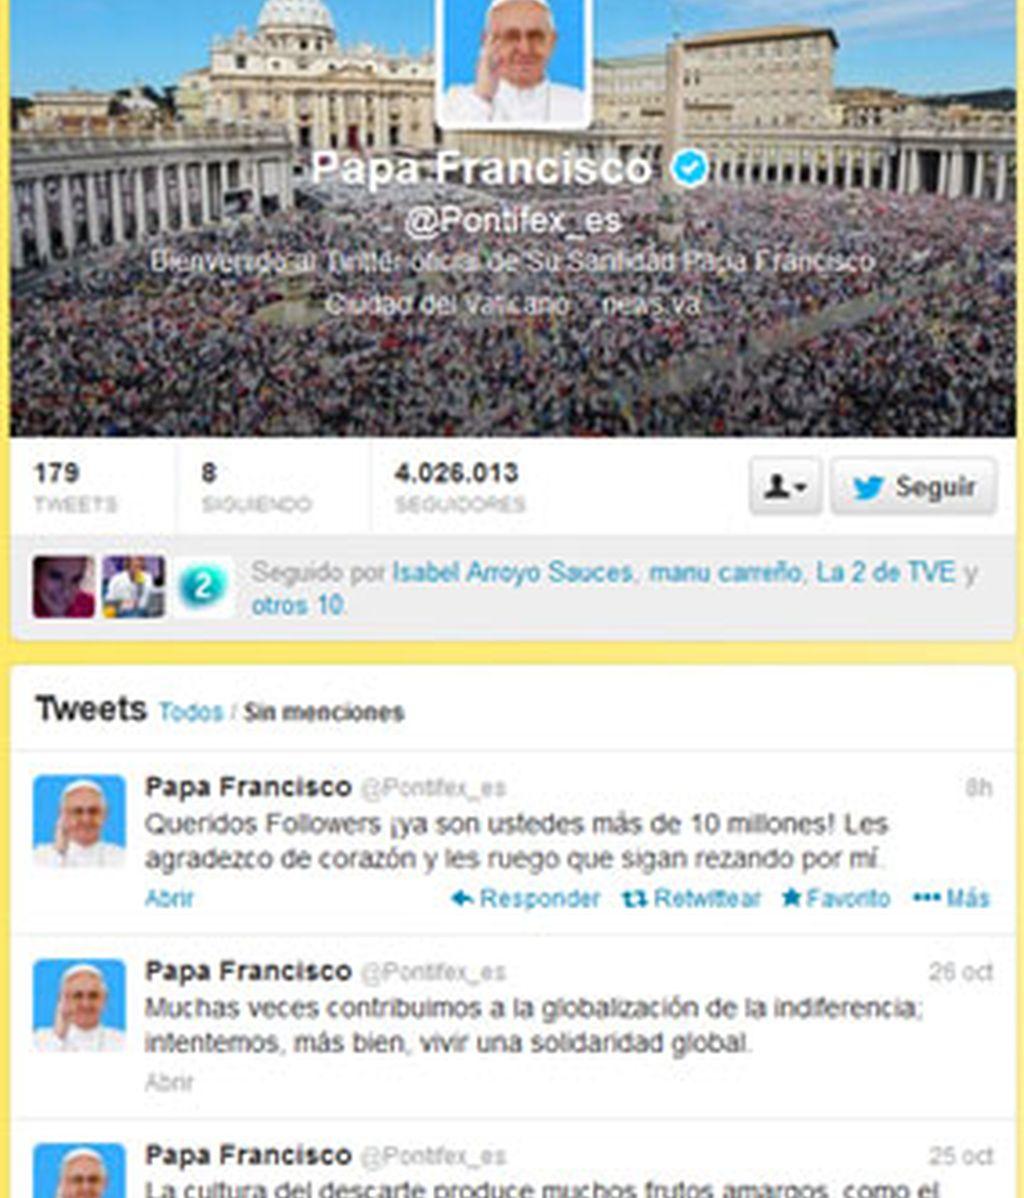 El Papa Francisco cuenta con más de 10 millones de seguidores en Twitter